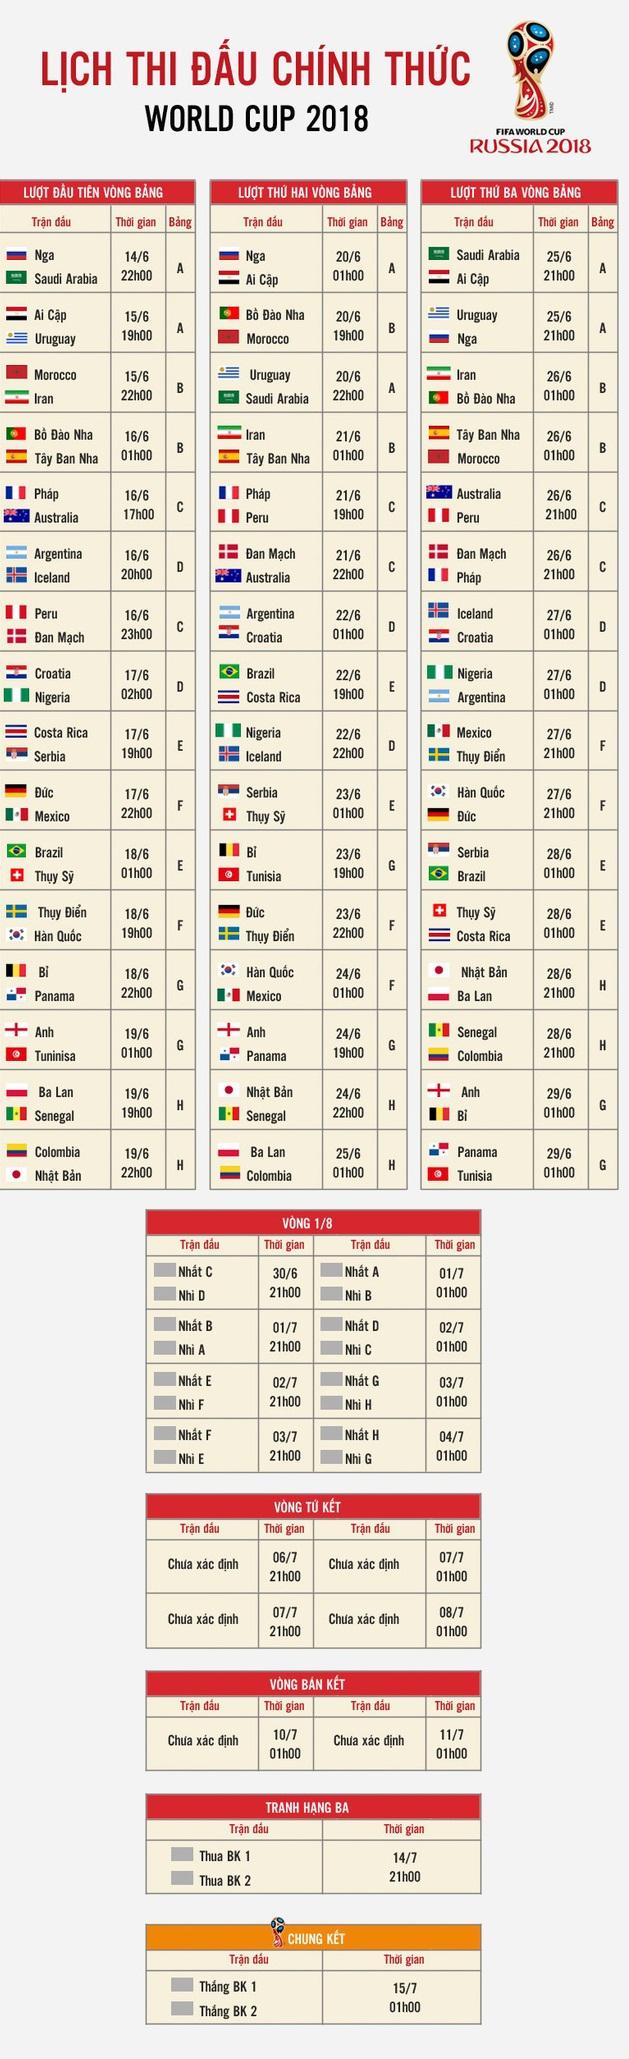 Lịch thi đấu World Cup 2018 ngày 15/6  theo giờ Việt Nam chuẩn nhất